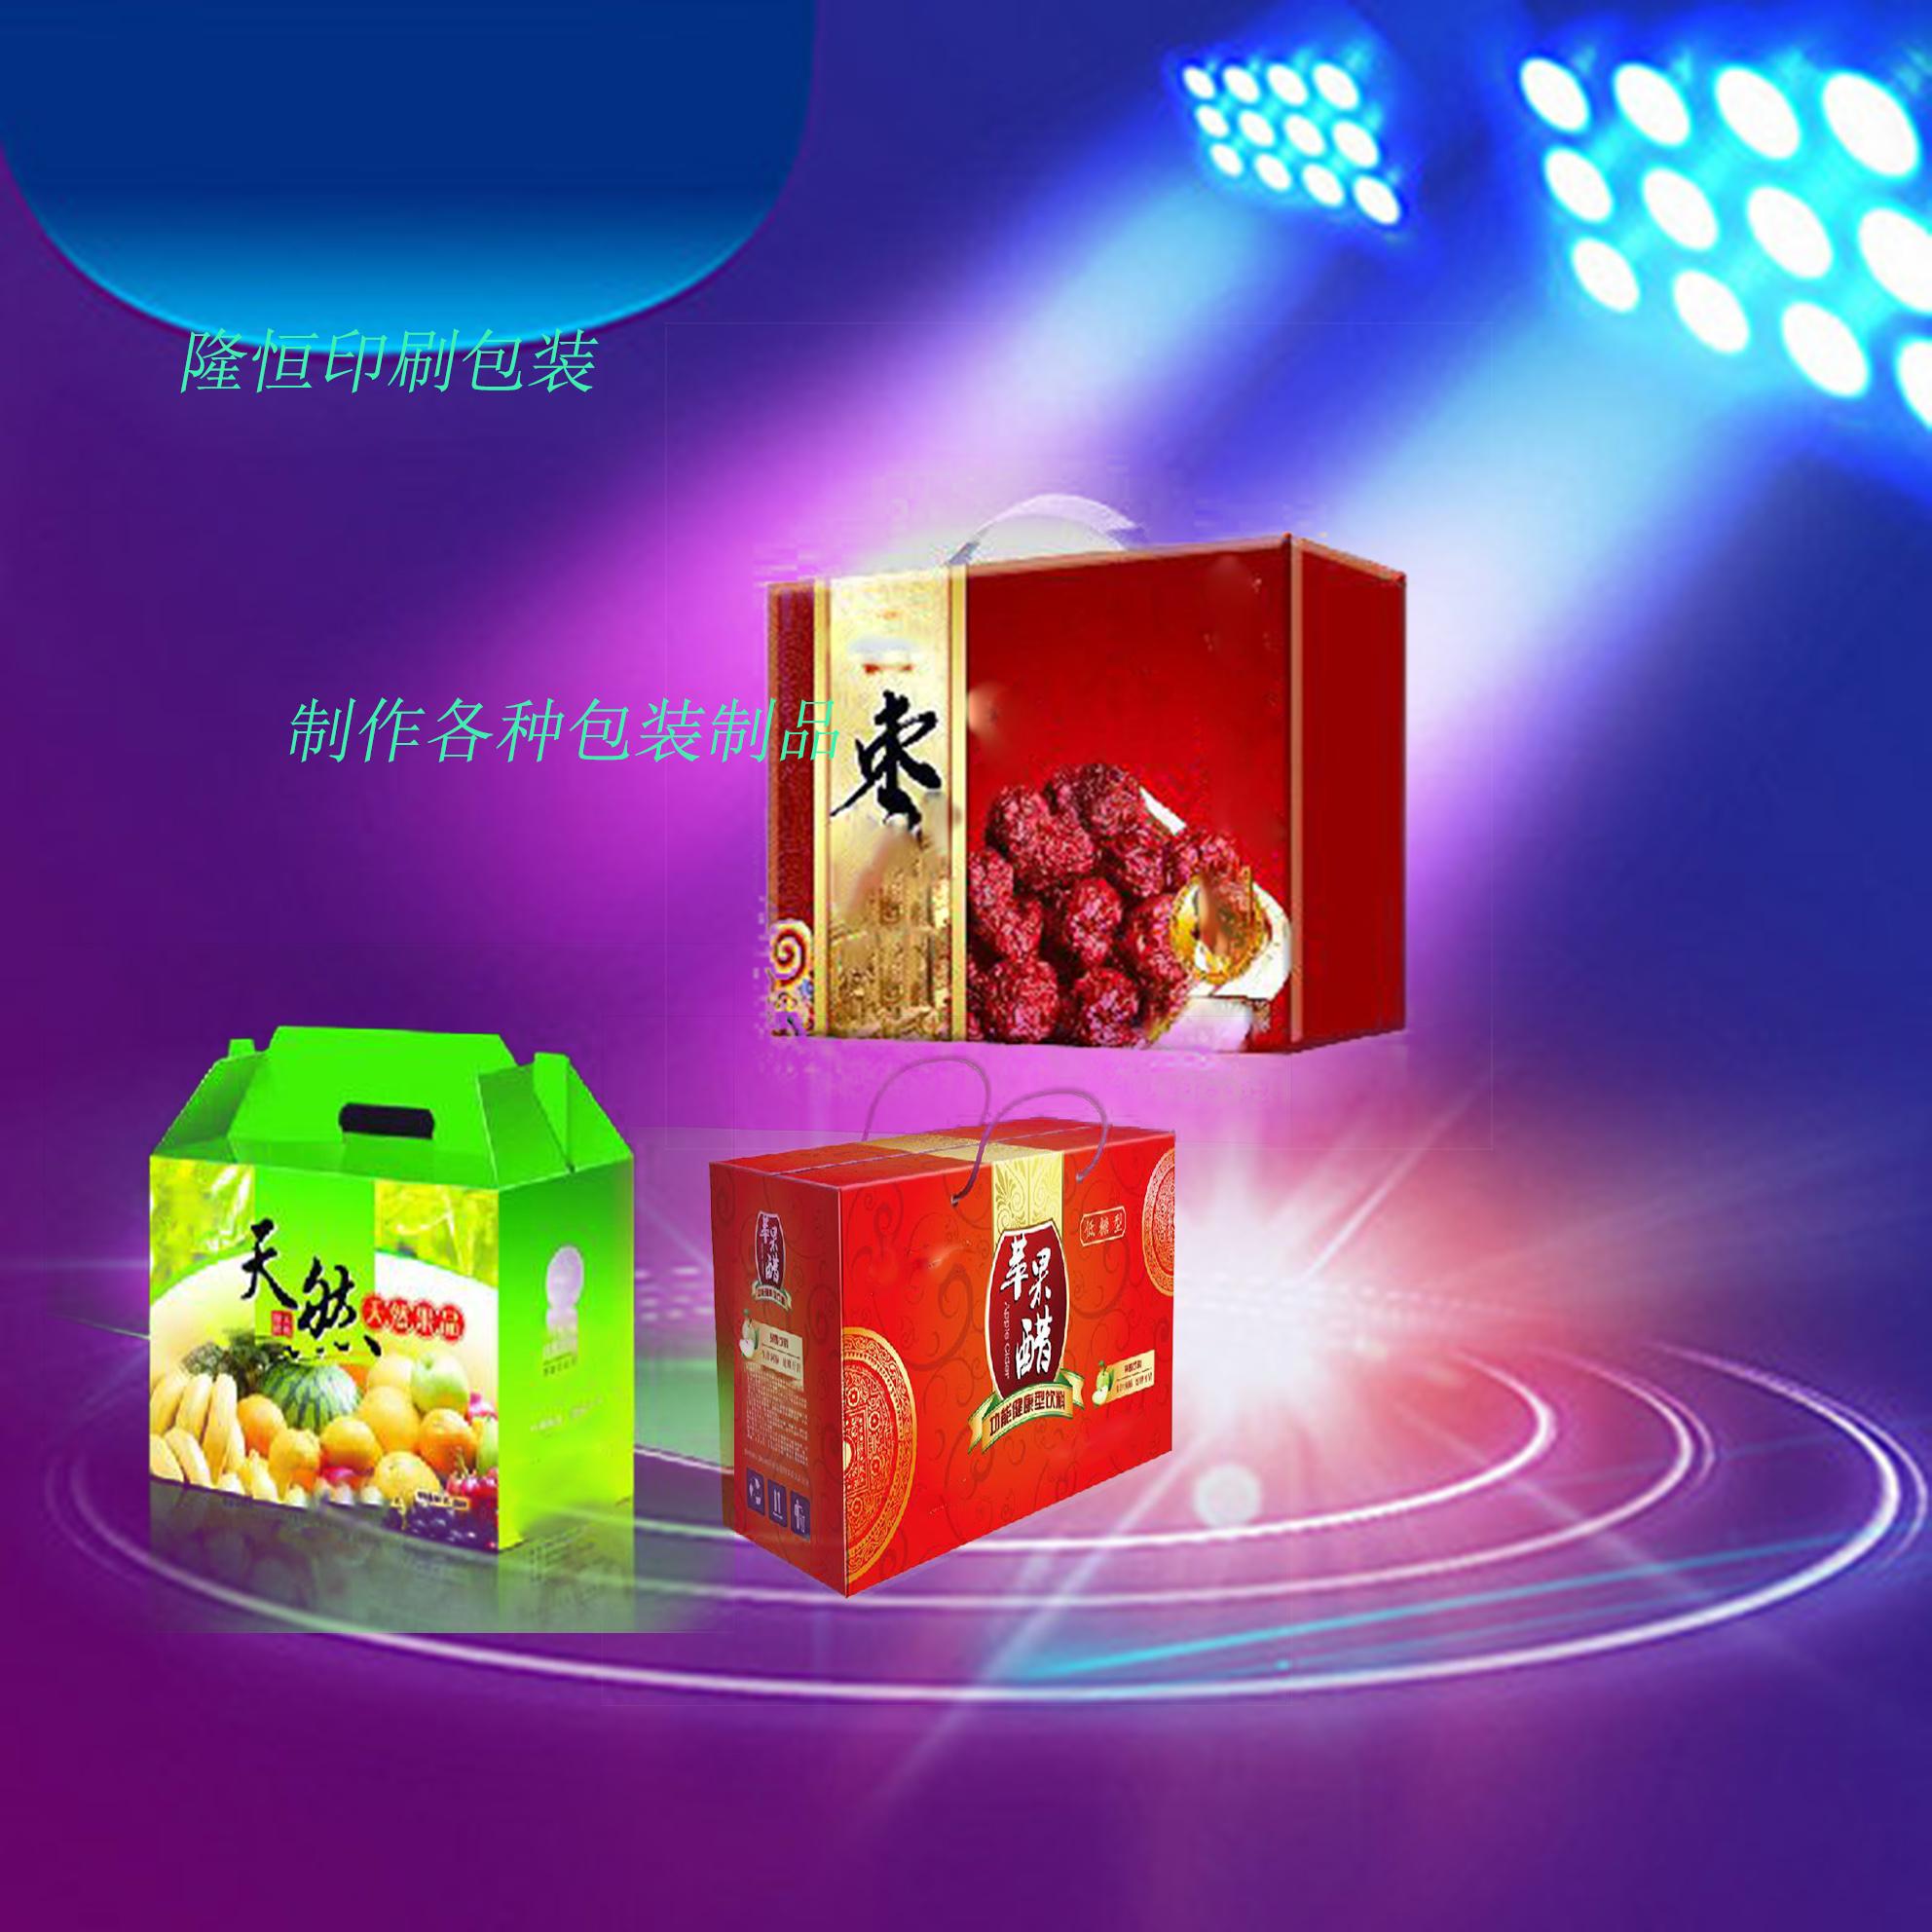 蜂蜜包装盒礼盒包装蔬菜食品面条礼品包装盒包装彩盒纸箱批发